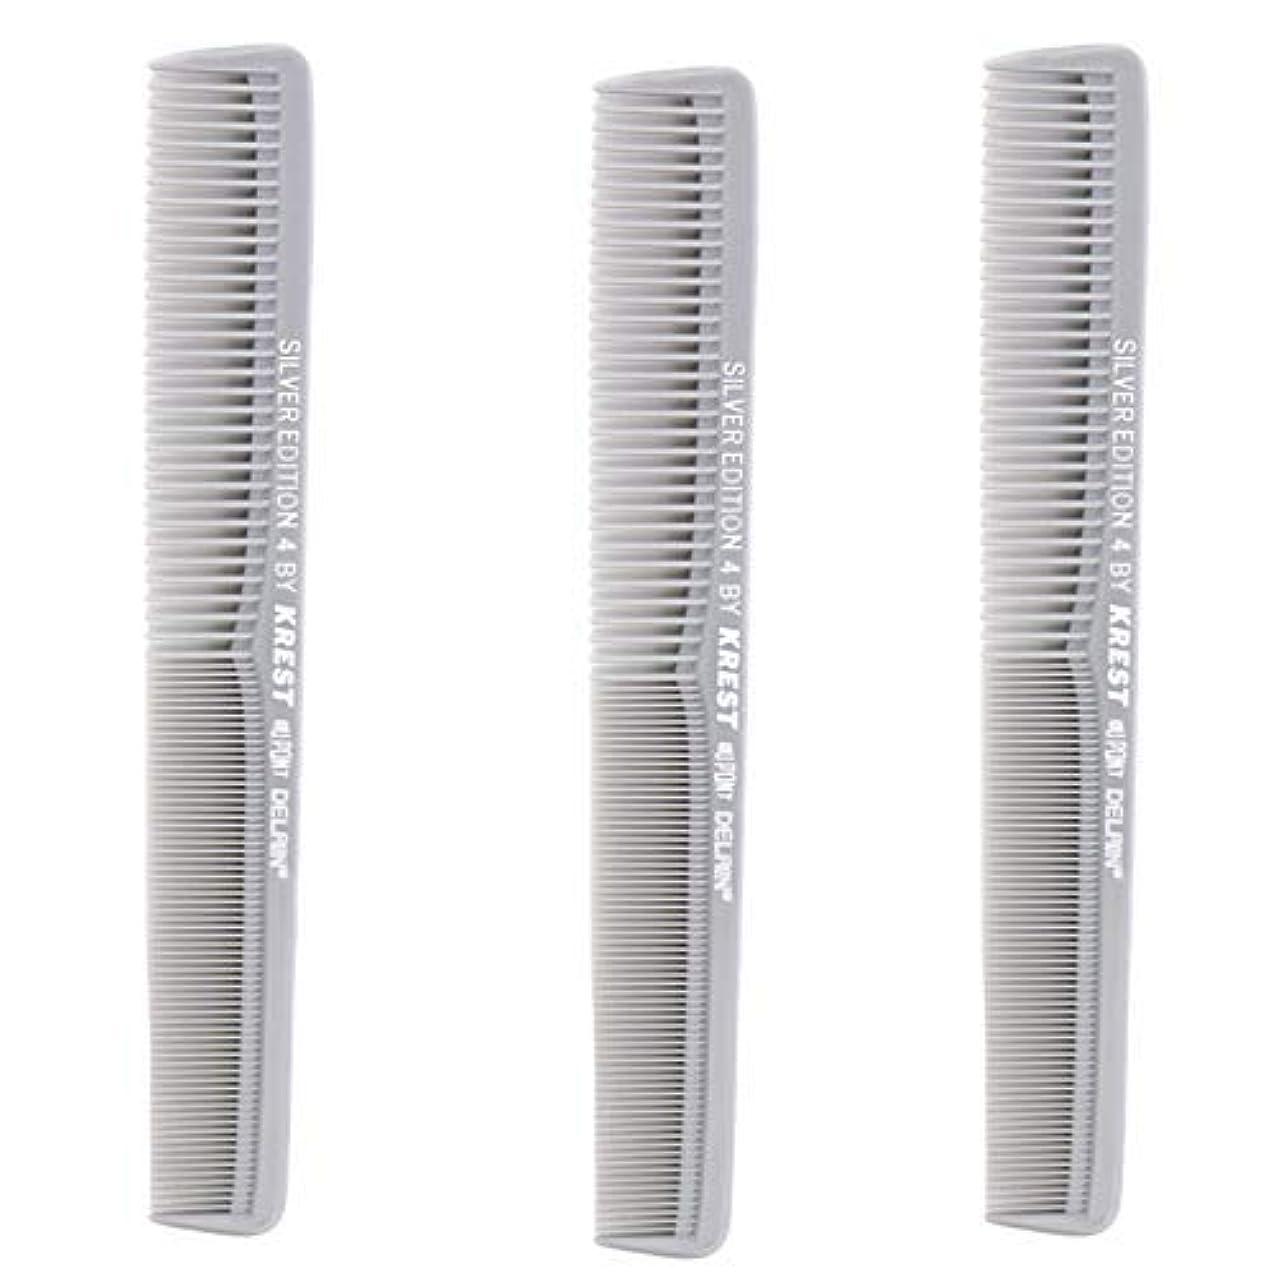 スマッシュありふれた遺伝子Krest Comb 7 In. Silver Edition Heat Resistant All Purpose Hair Comb Model #4 [並行輸入品]